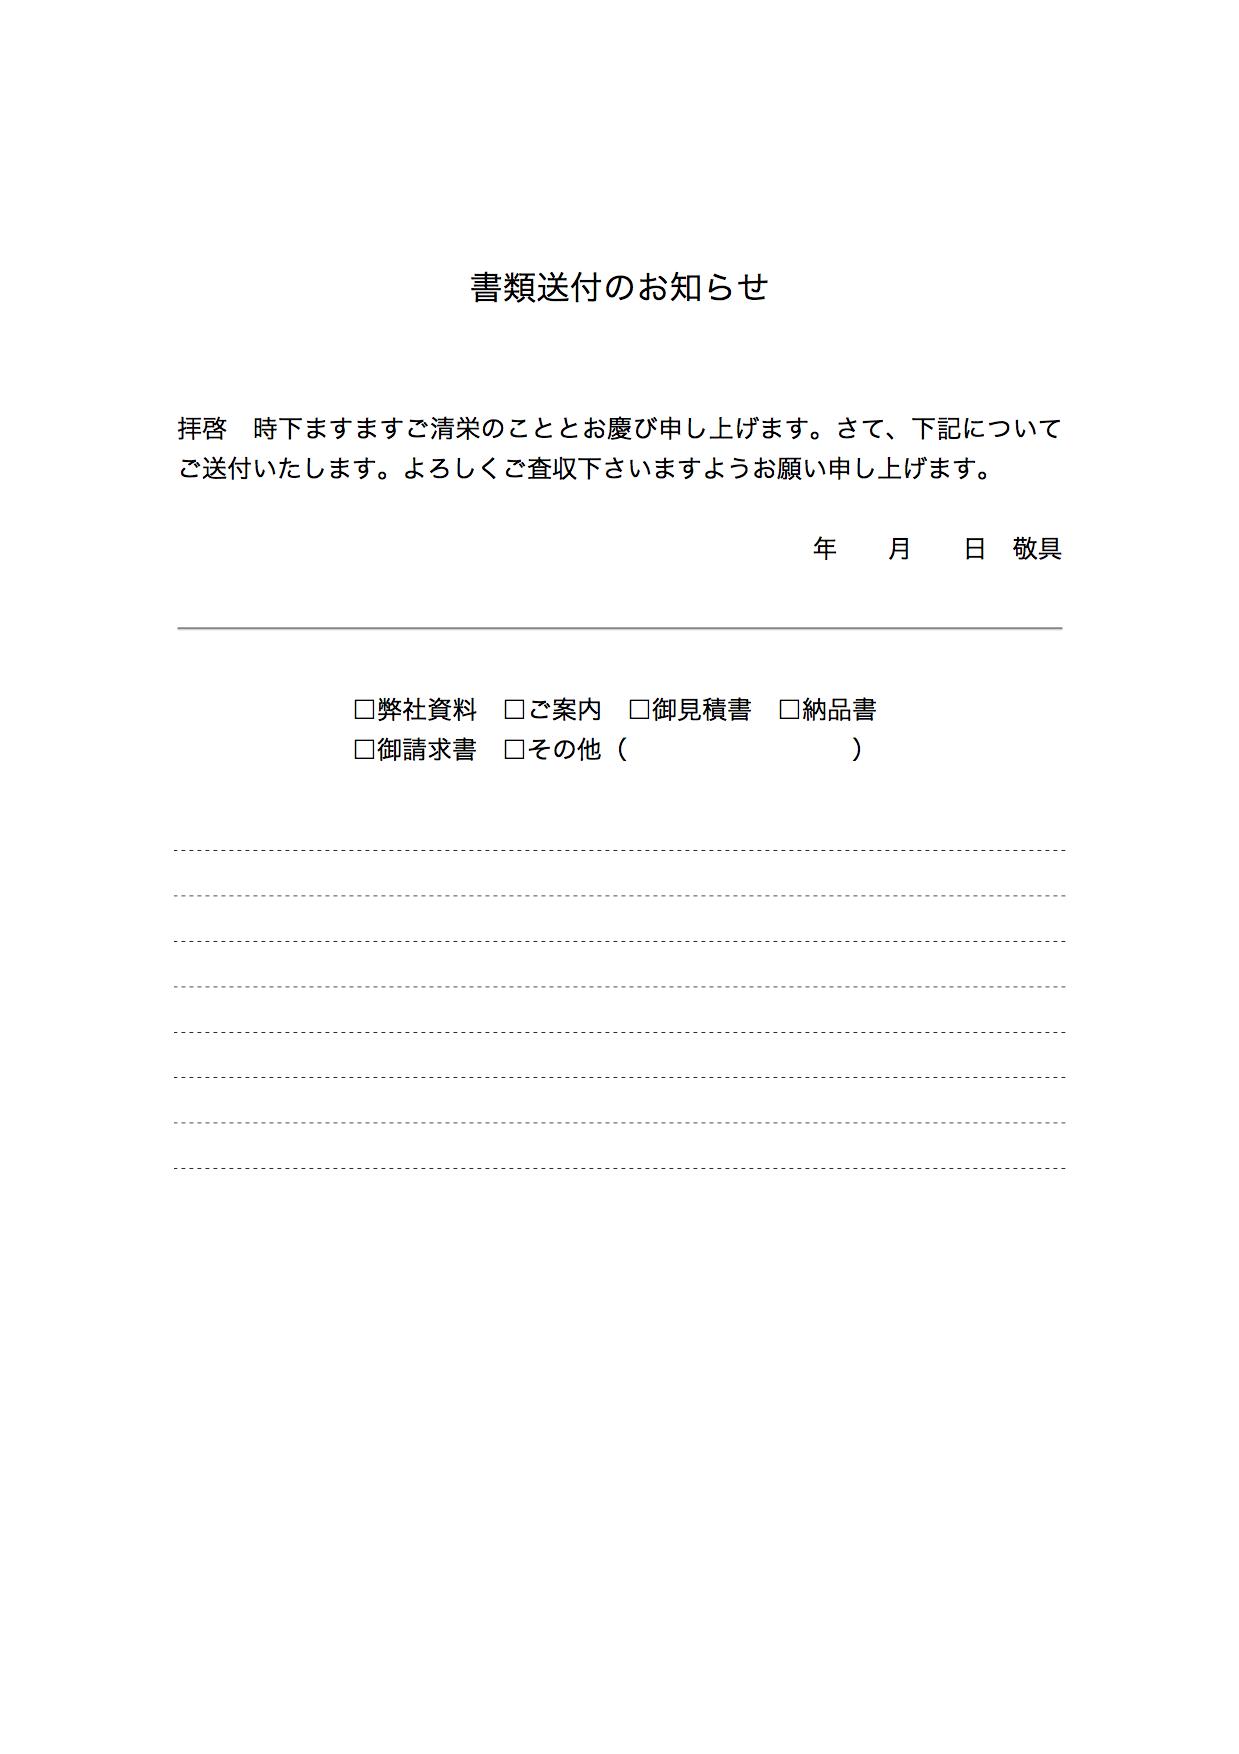 見積書送付状のサンプル画像3